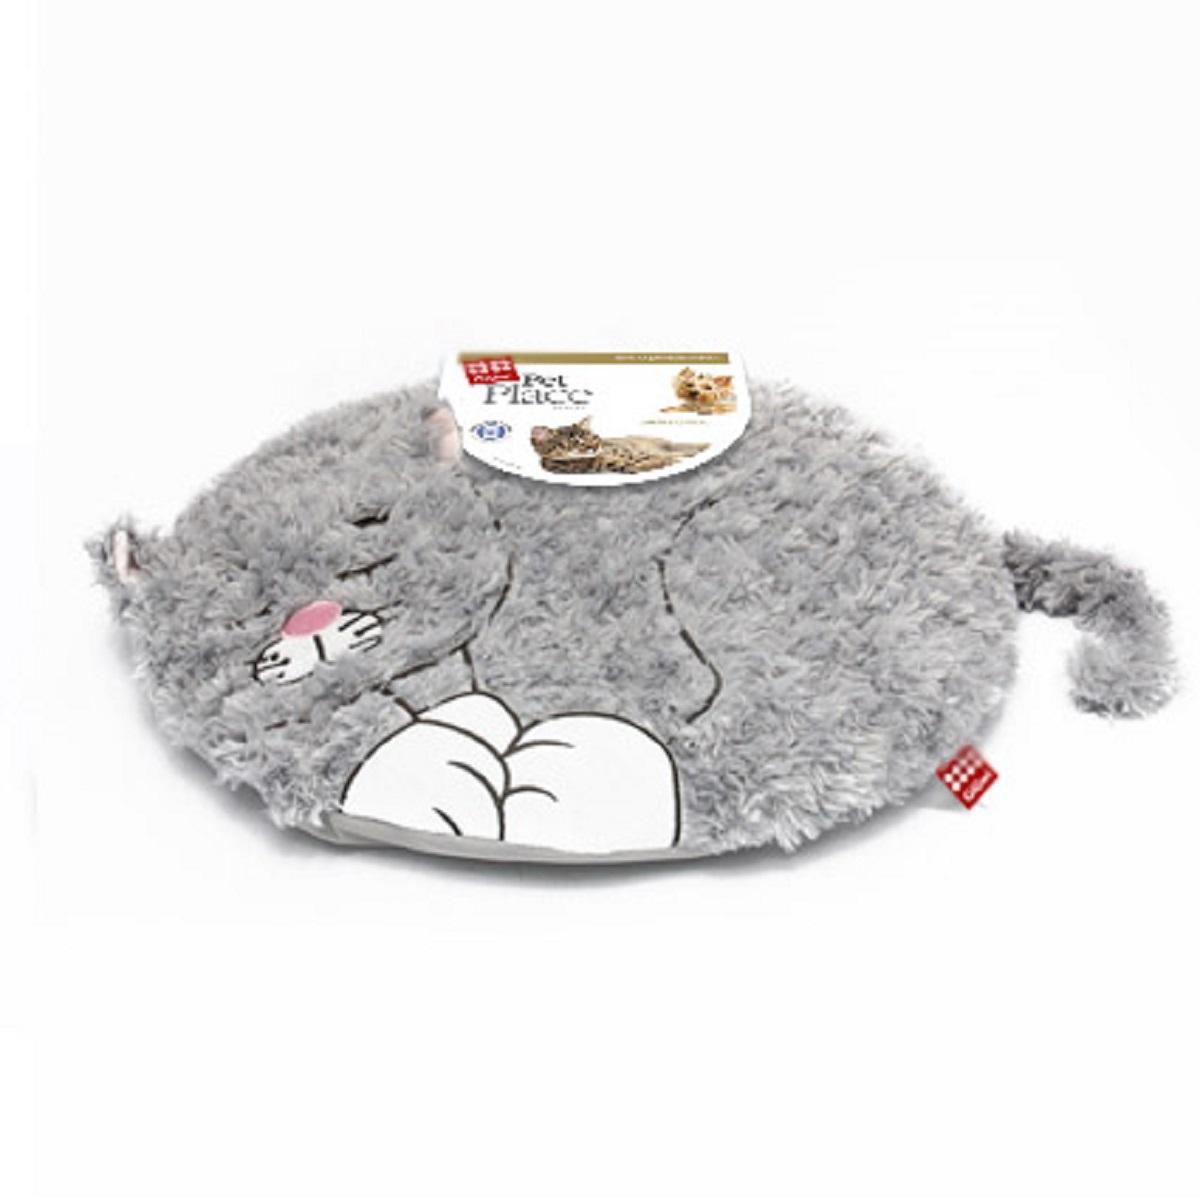 Лежанка с дизайном GiGwi Кошка 57 см0120710GiGwi Лежанка с дизайном КошкаЛежанка для небольших собак и кошек. Наполнитель полиэстер. Машинная стирка